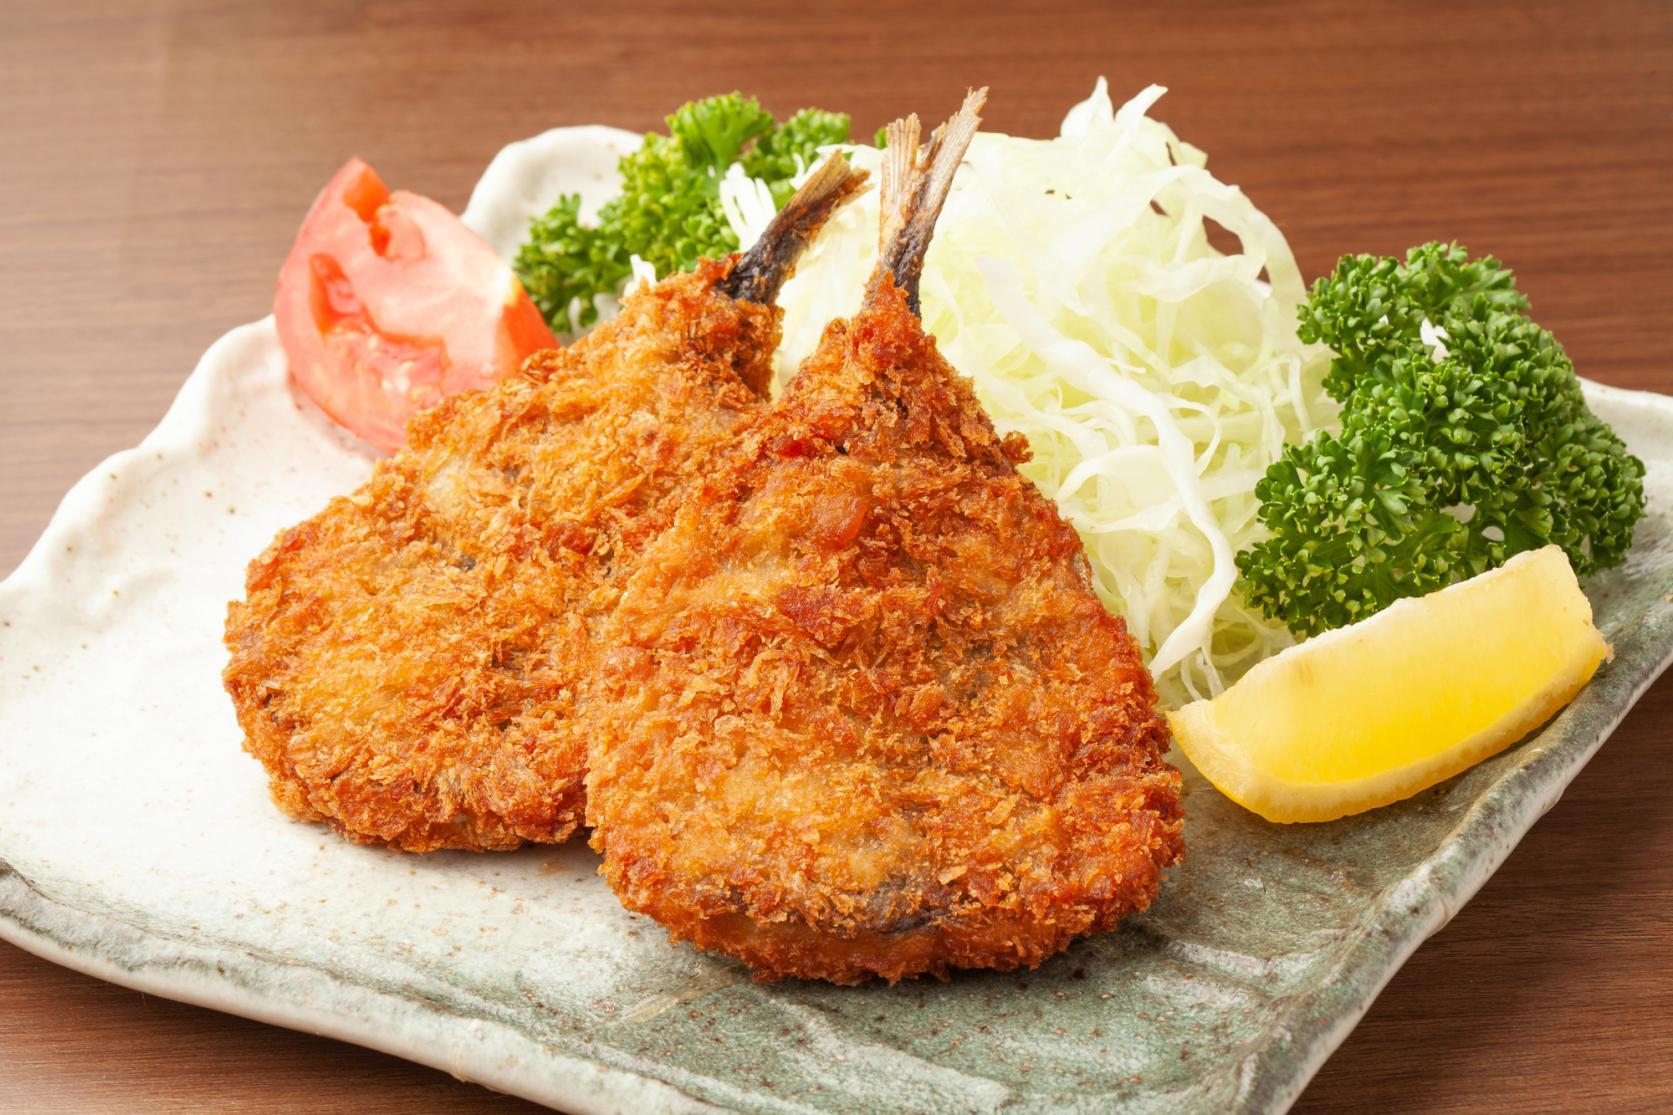 【第2天】在附近餐饮店享用午餐-1